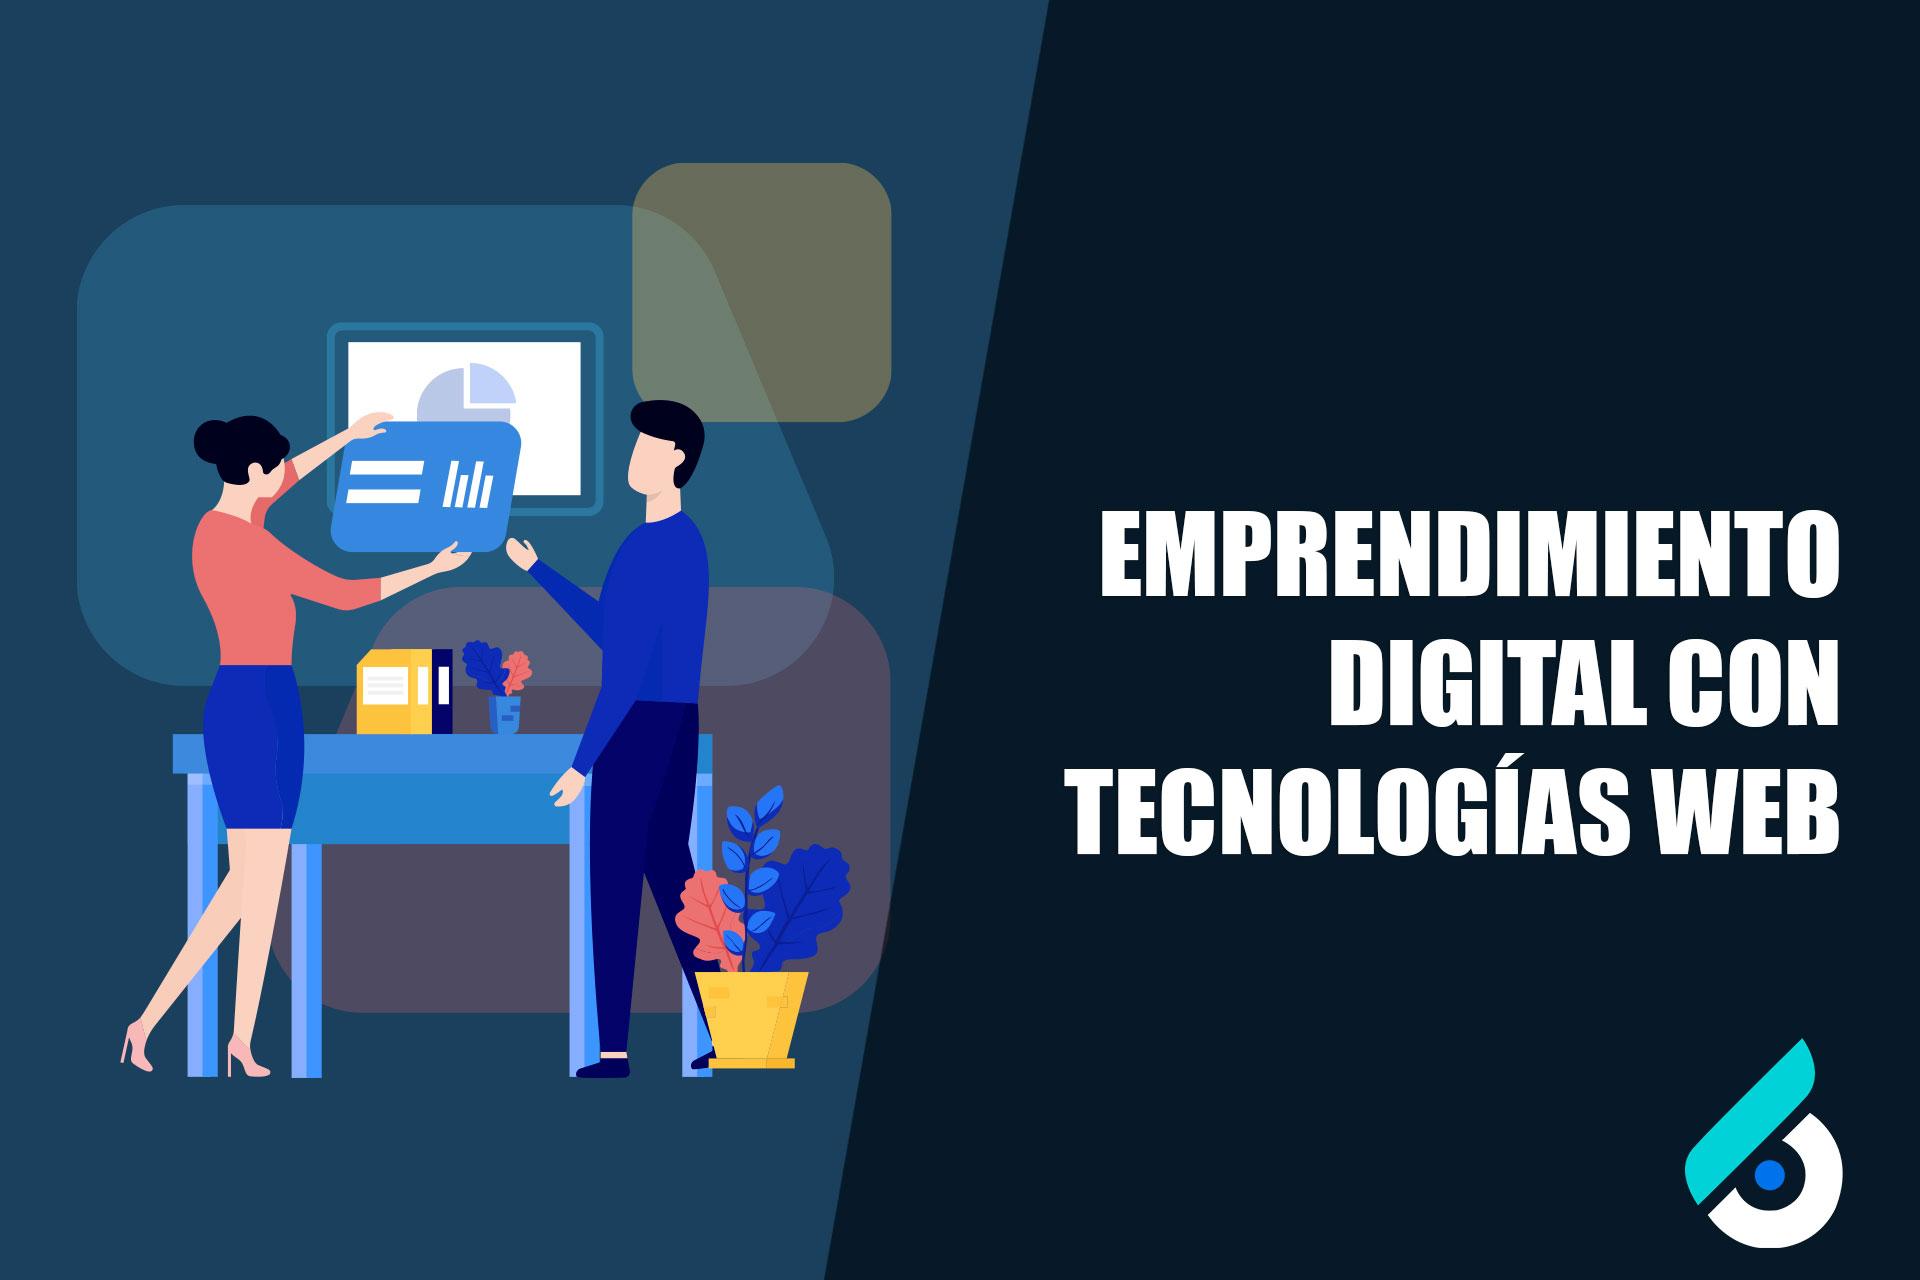 Emprendimiento Digital con Tecnologías Web